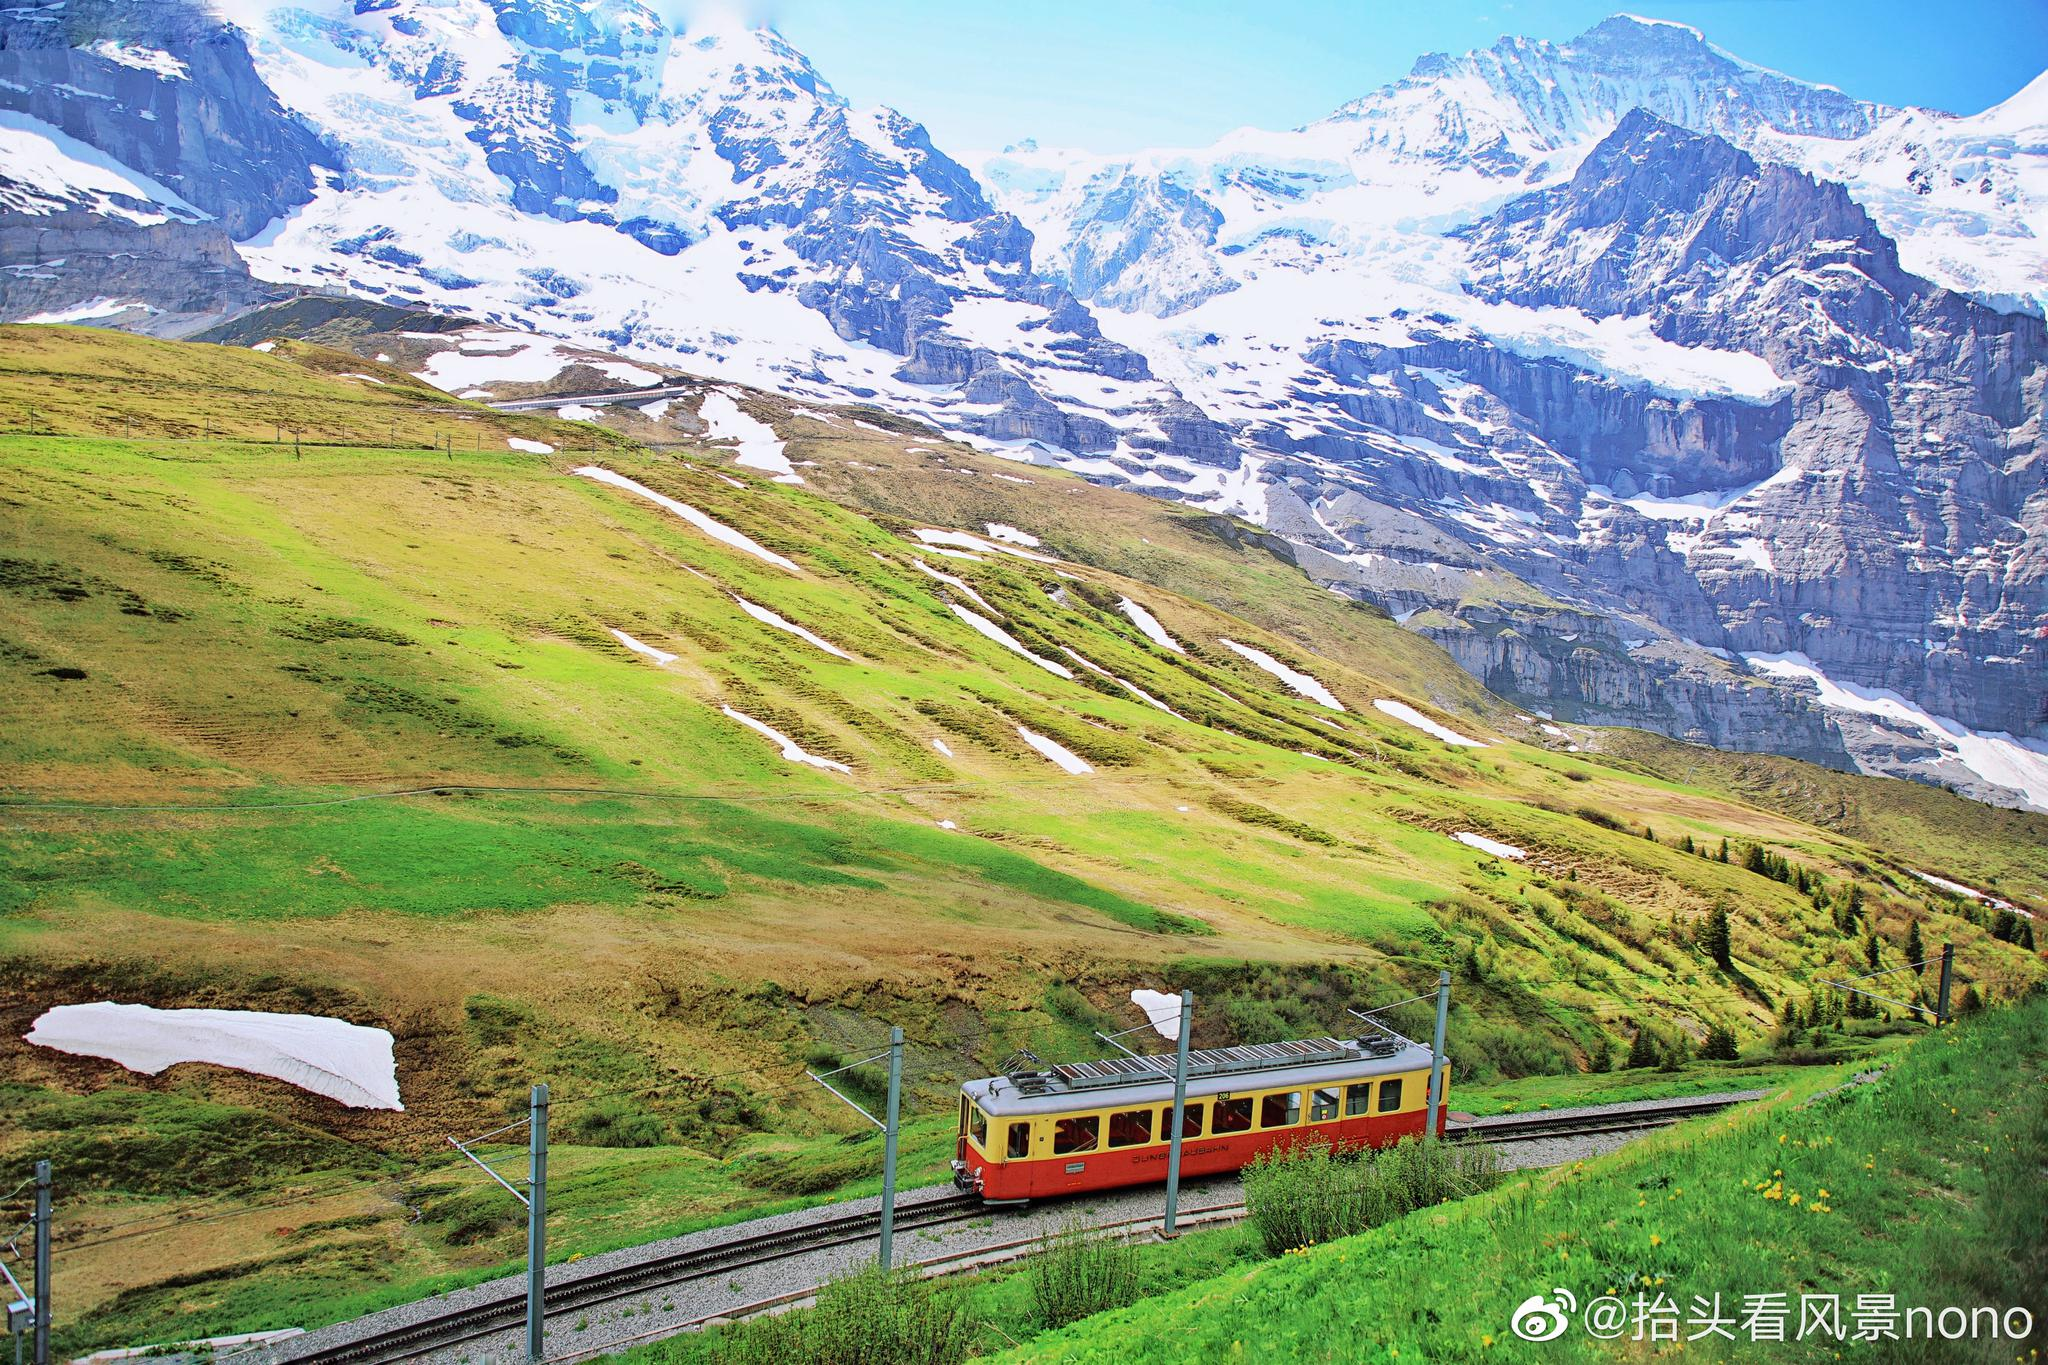 都说最美的风景在路上,瑞士真正完美的诠释了这句话